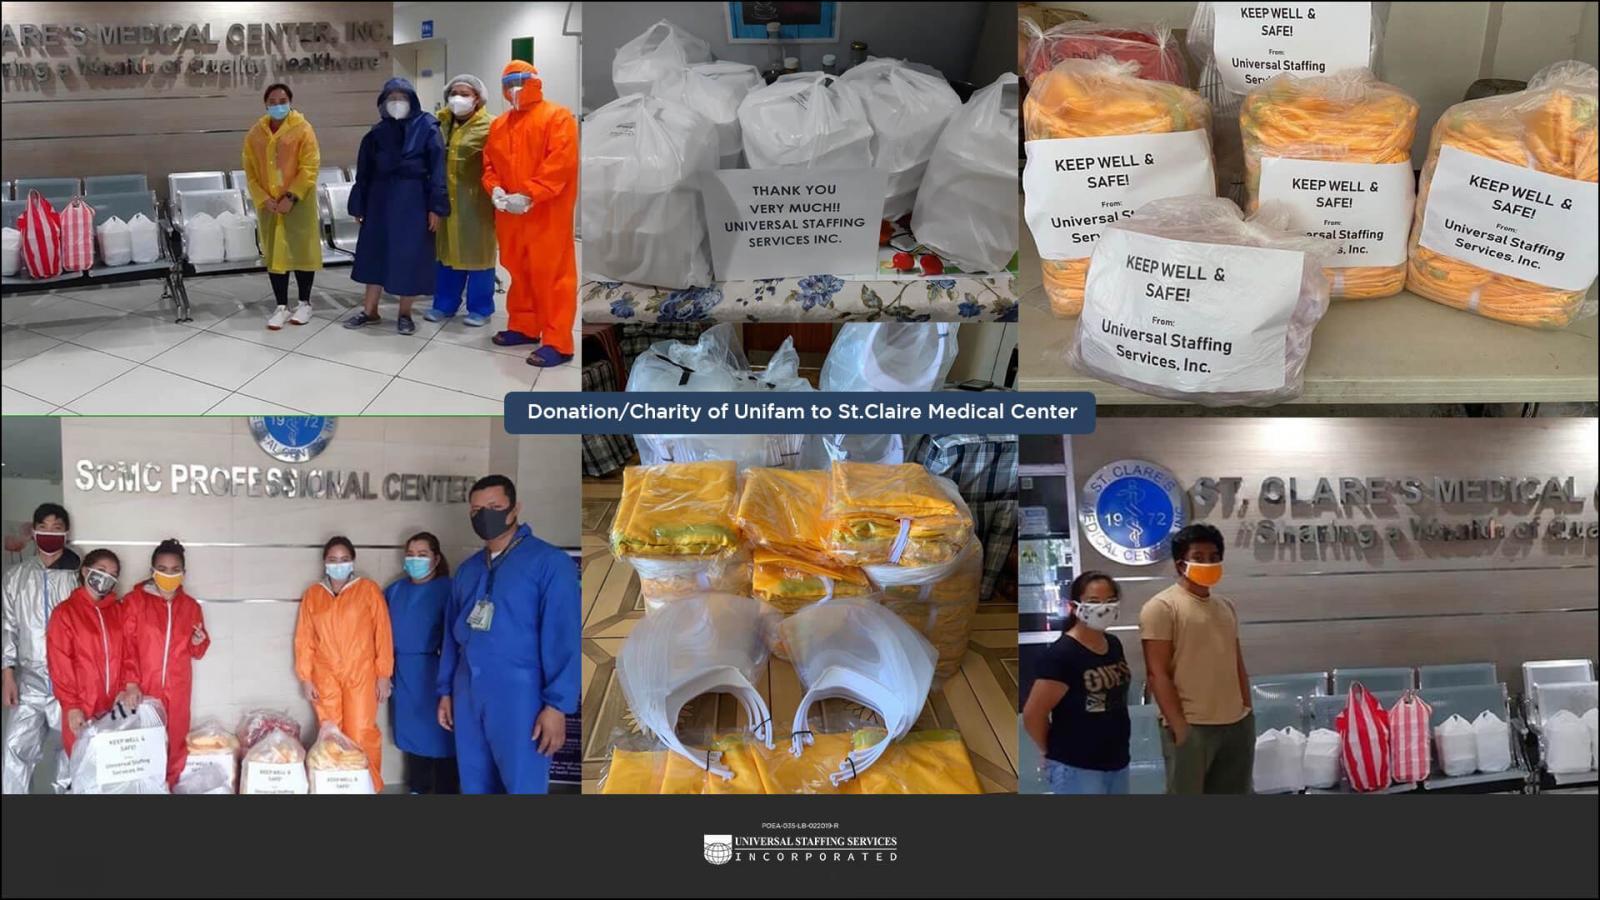 Team Unistaff charity work photos